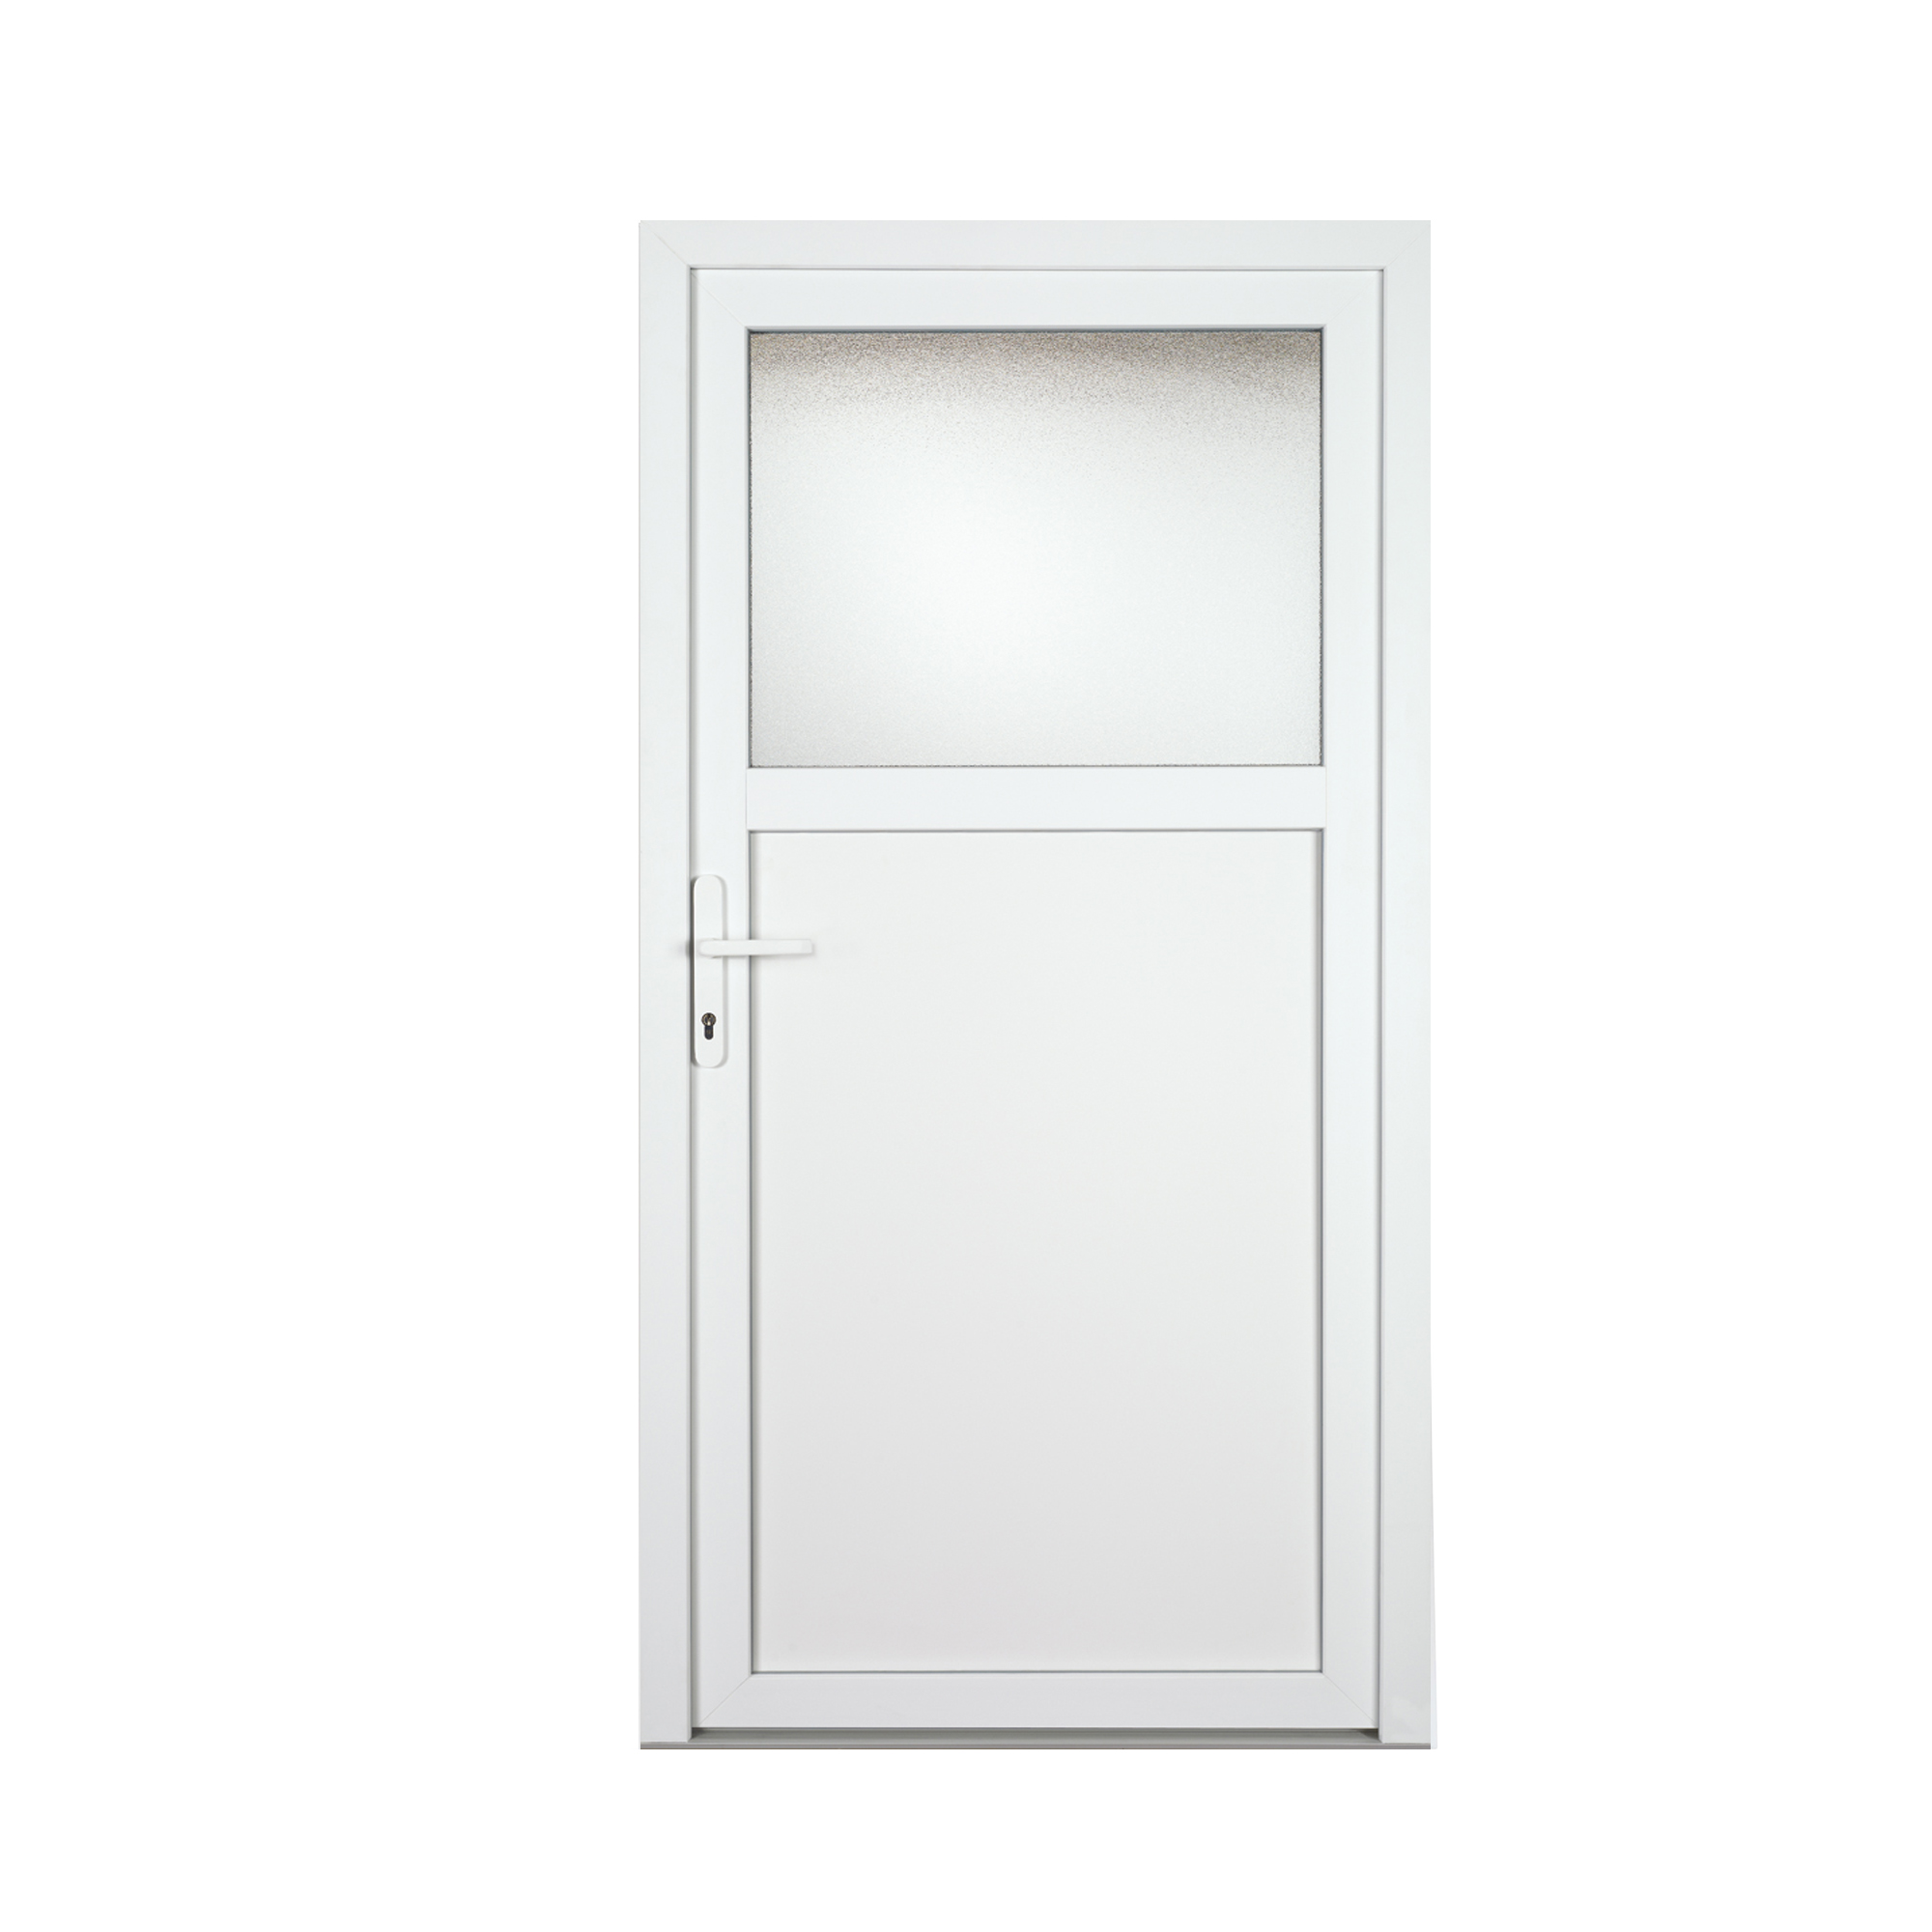 keller nebeneingangst r mod k601 kp. Black Bedroom Furniture Sets. Home Design Ideas